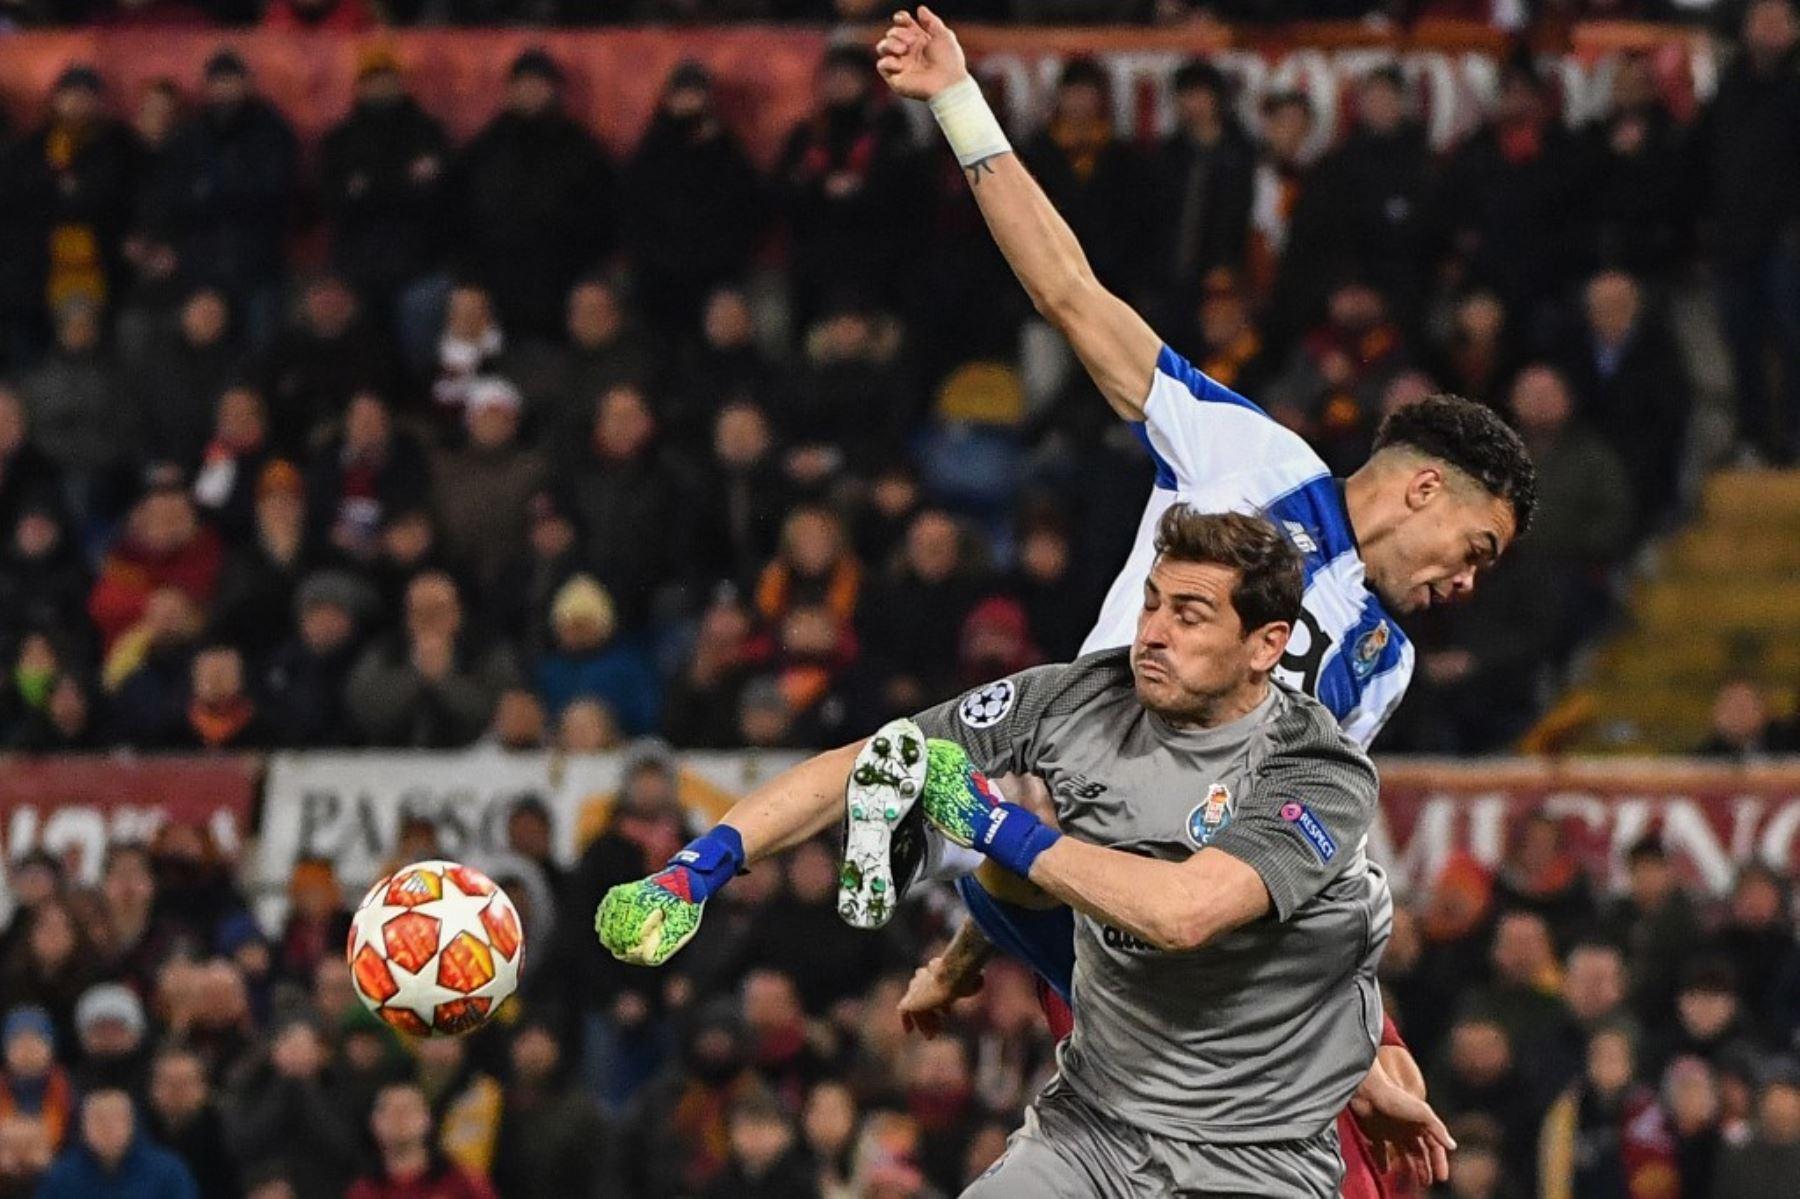 El portero español del Porto, Iker Casillas desvía un disparo cuando el defensa brasileño del Porto, Pepe, va a la cabeza durante la ronda de octavos de final de la UEFA Champions League, AS Roma vs FC Porto. Foto: AFP